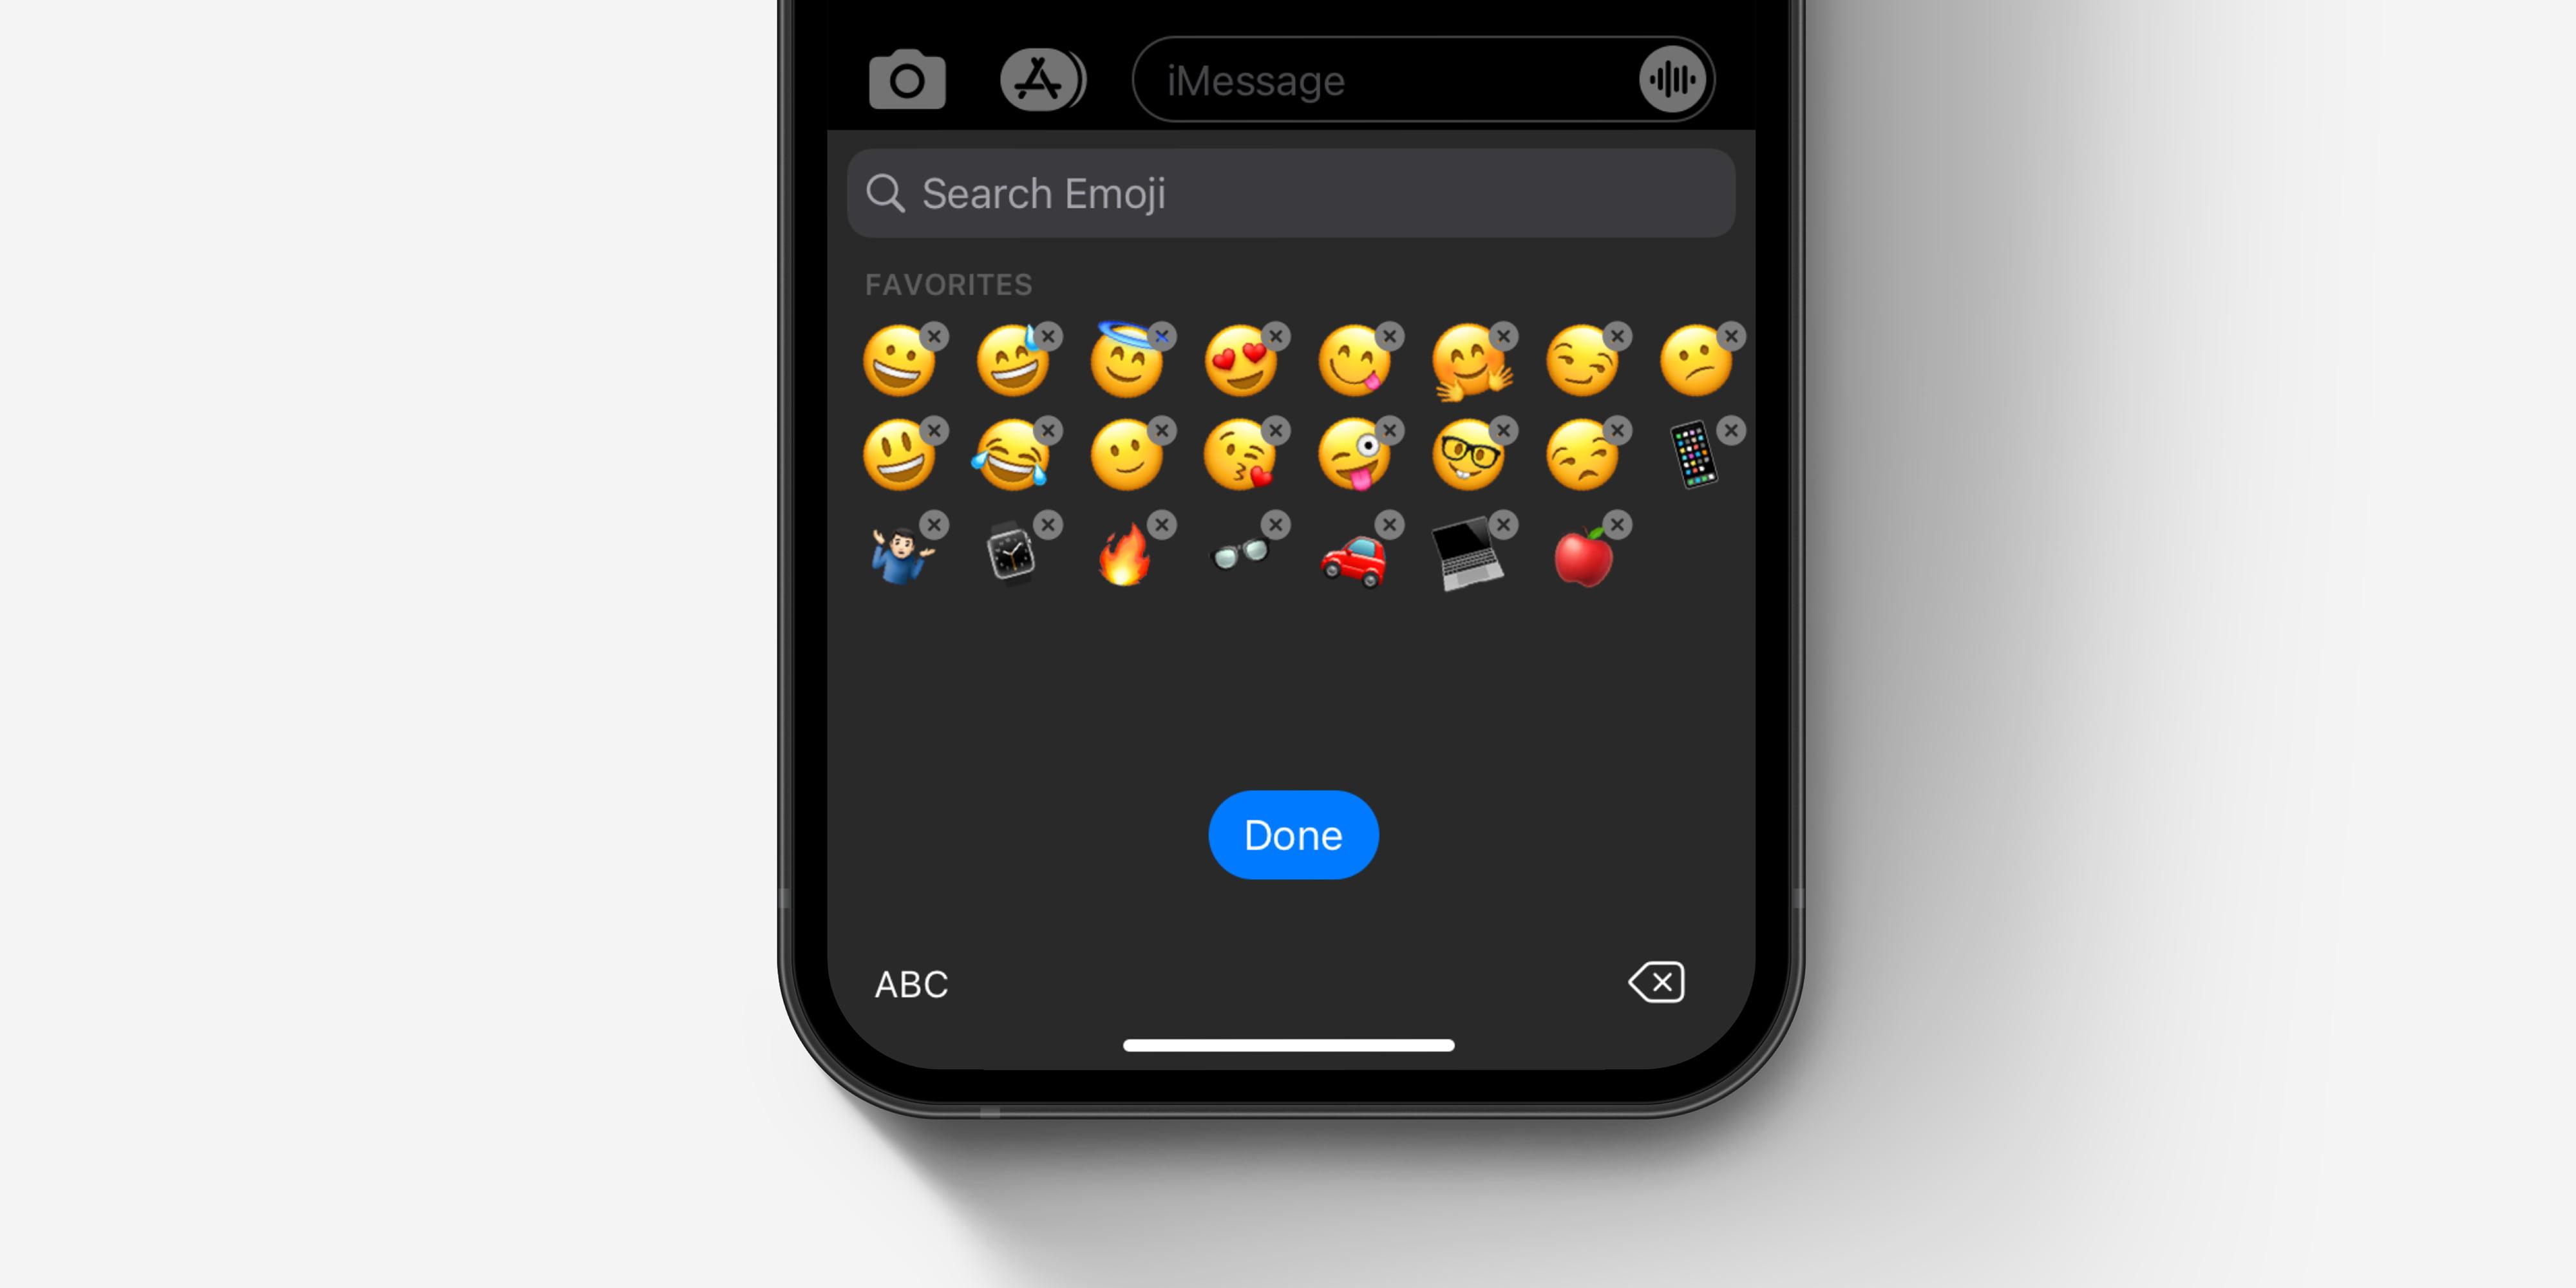 Teclado emoji de iOS cómo eliminar y reorganizar el concepto de emoji